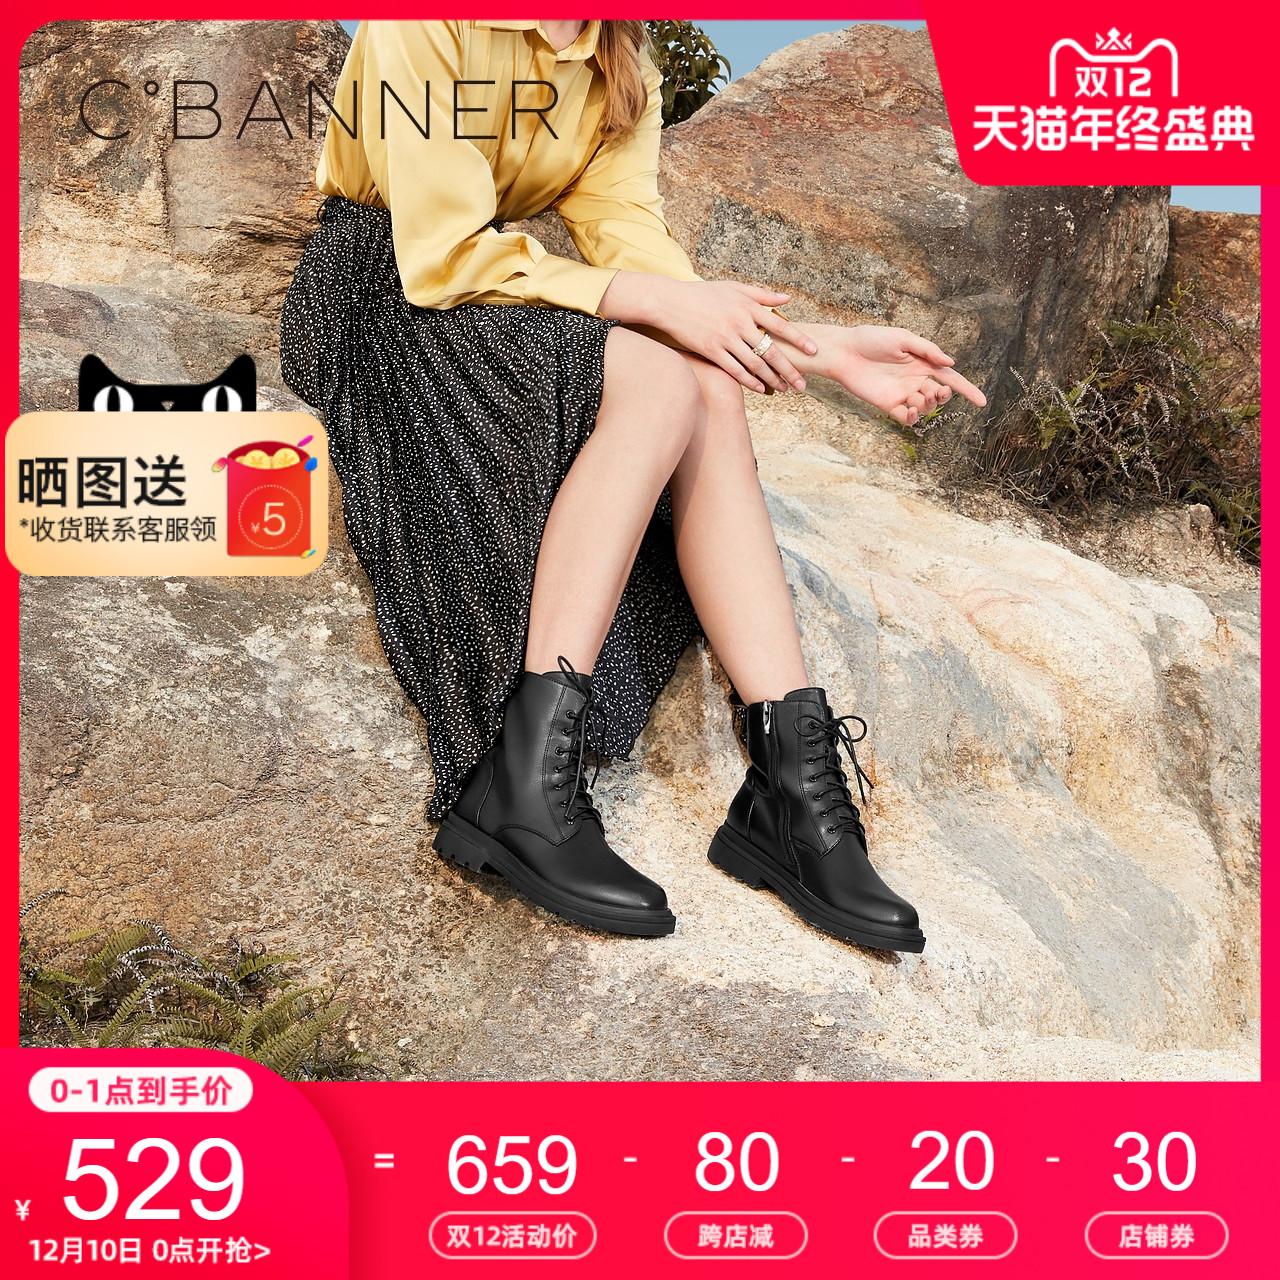 新款女靴中筒靴时尚潮流系带马丁靴轻奢复古机车靴2020千百度女鞋